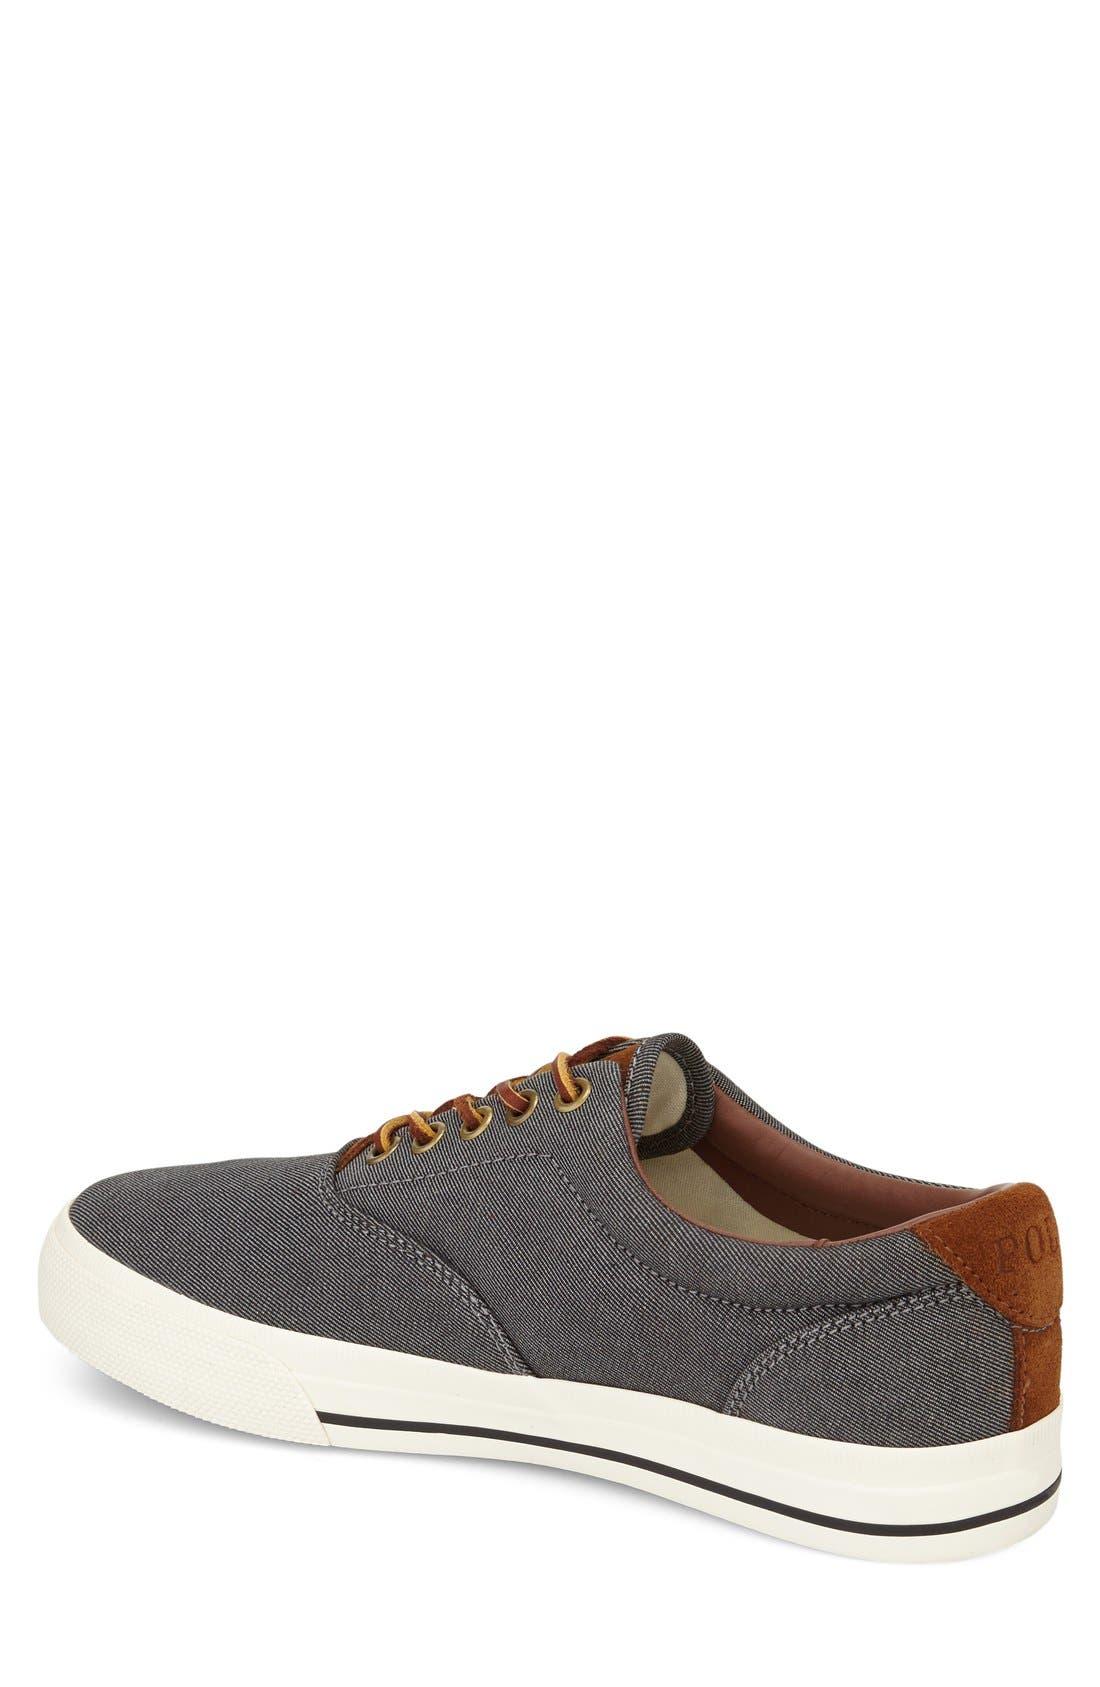 Vaughn Sneaker,                             Alternate thumbnail 3, color,                             001